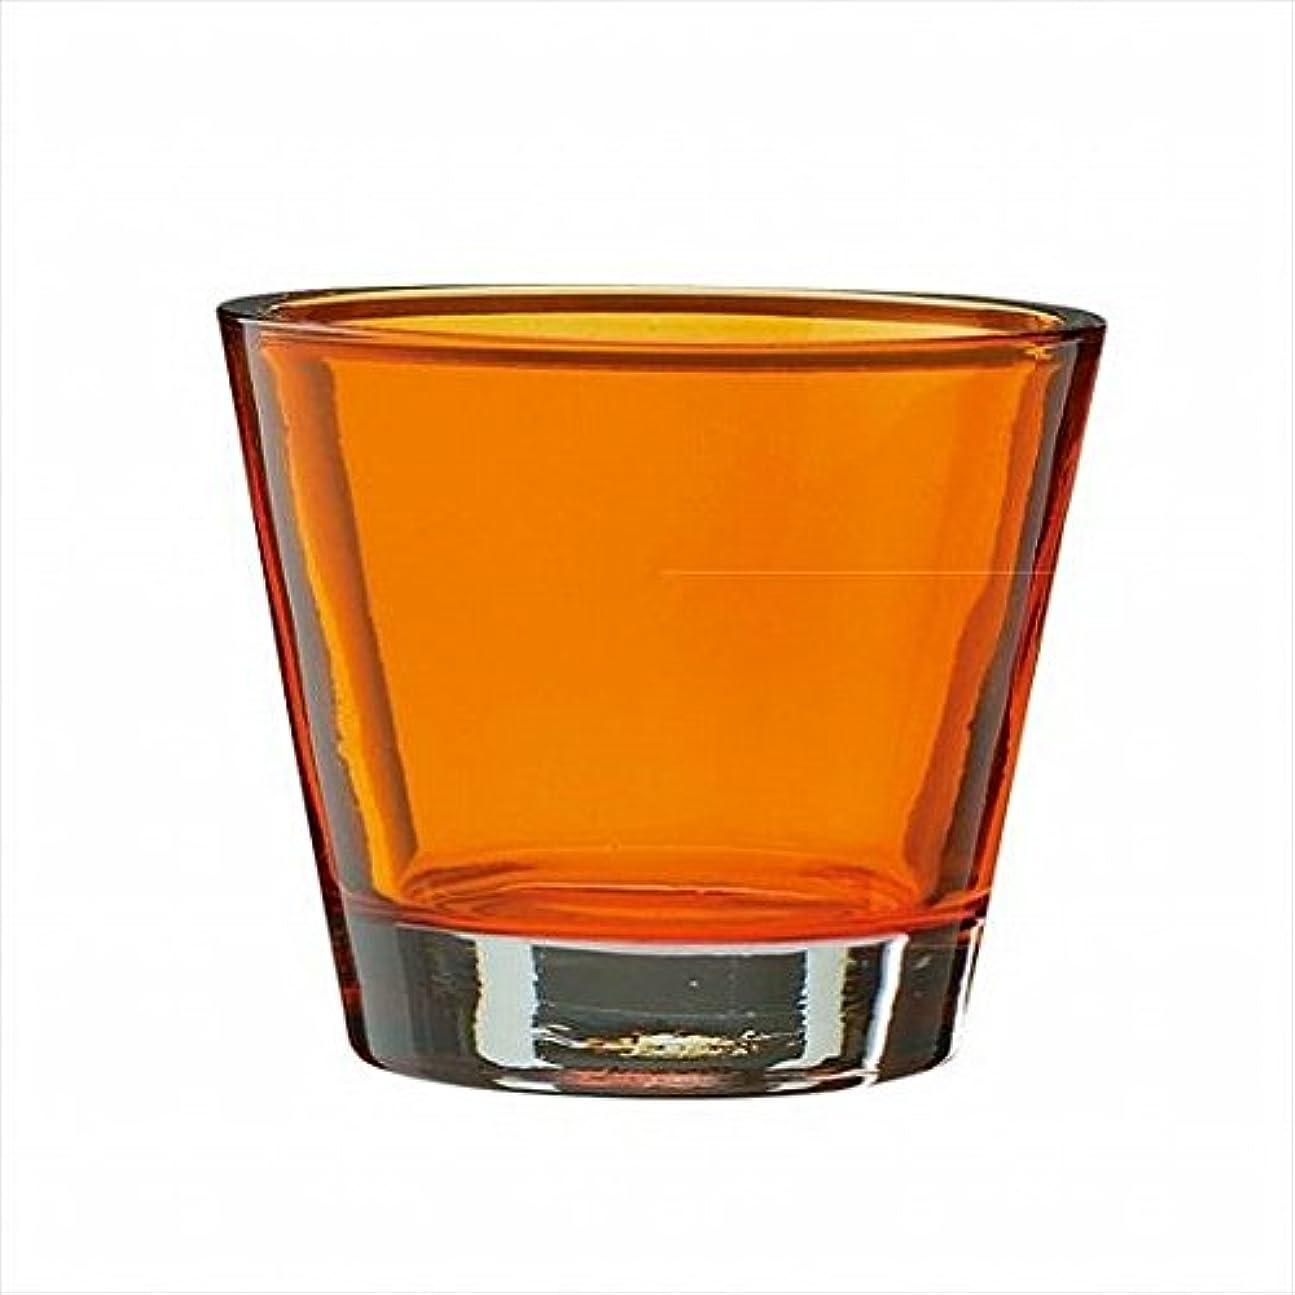 オセアニア吸収剤情緒的kameyama candle(カメヤマキャンドル) カラリス 「 オレンジ 」 キャンドル 82x82x70mm (J2540000OR)